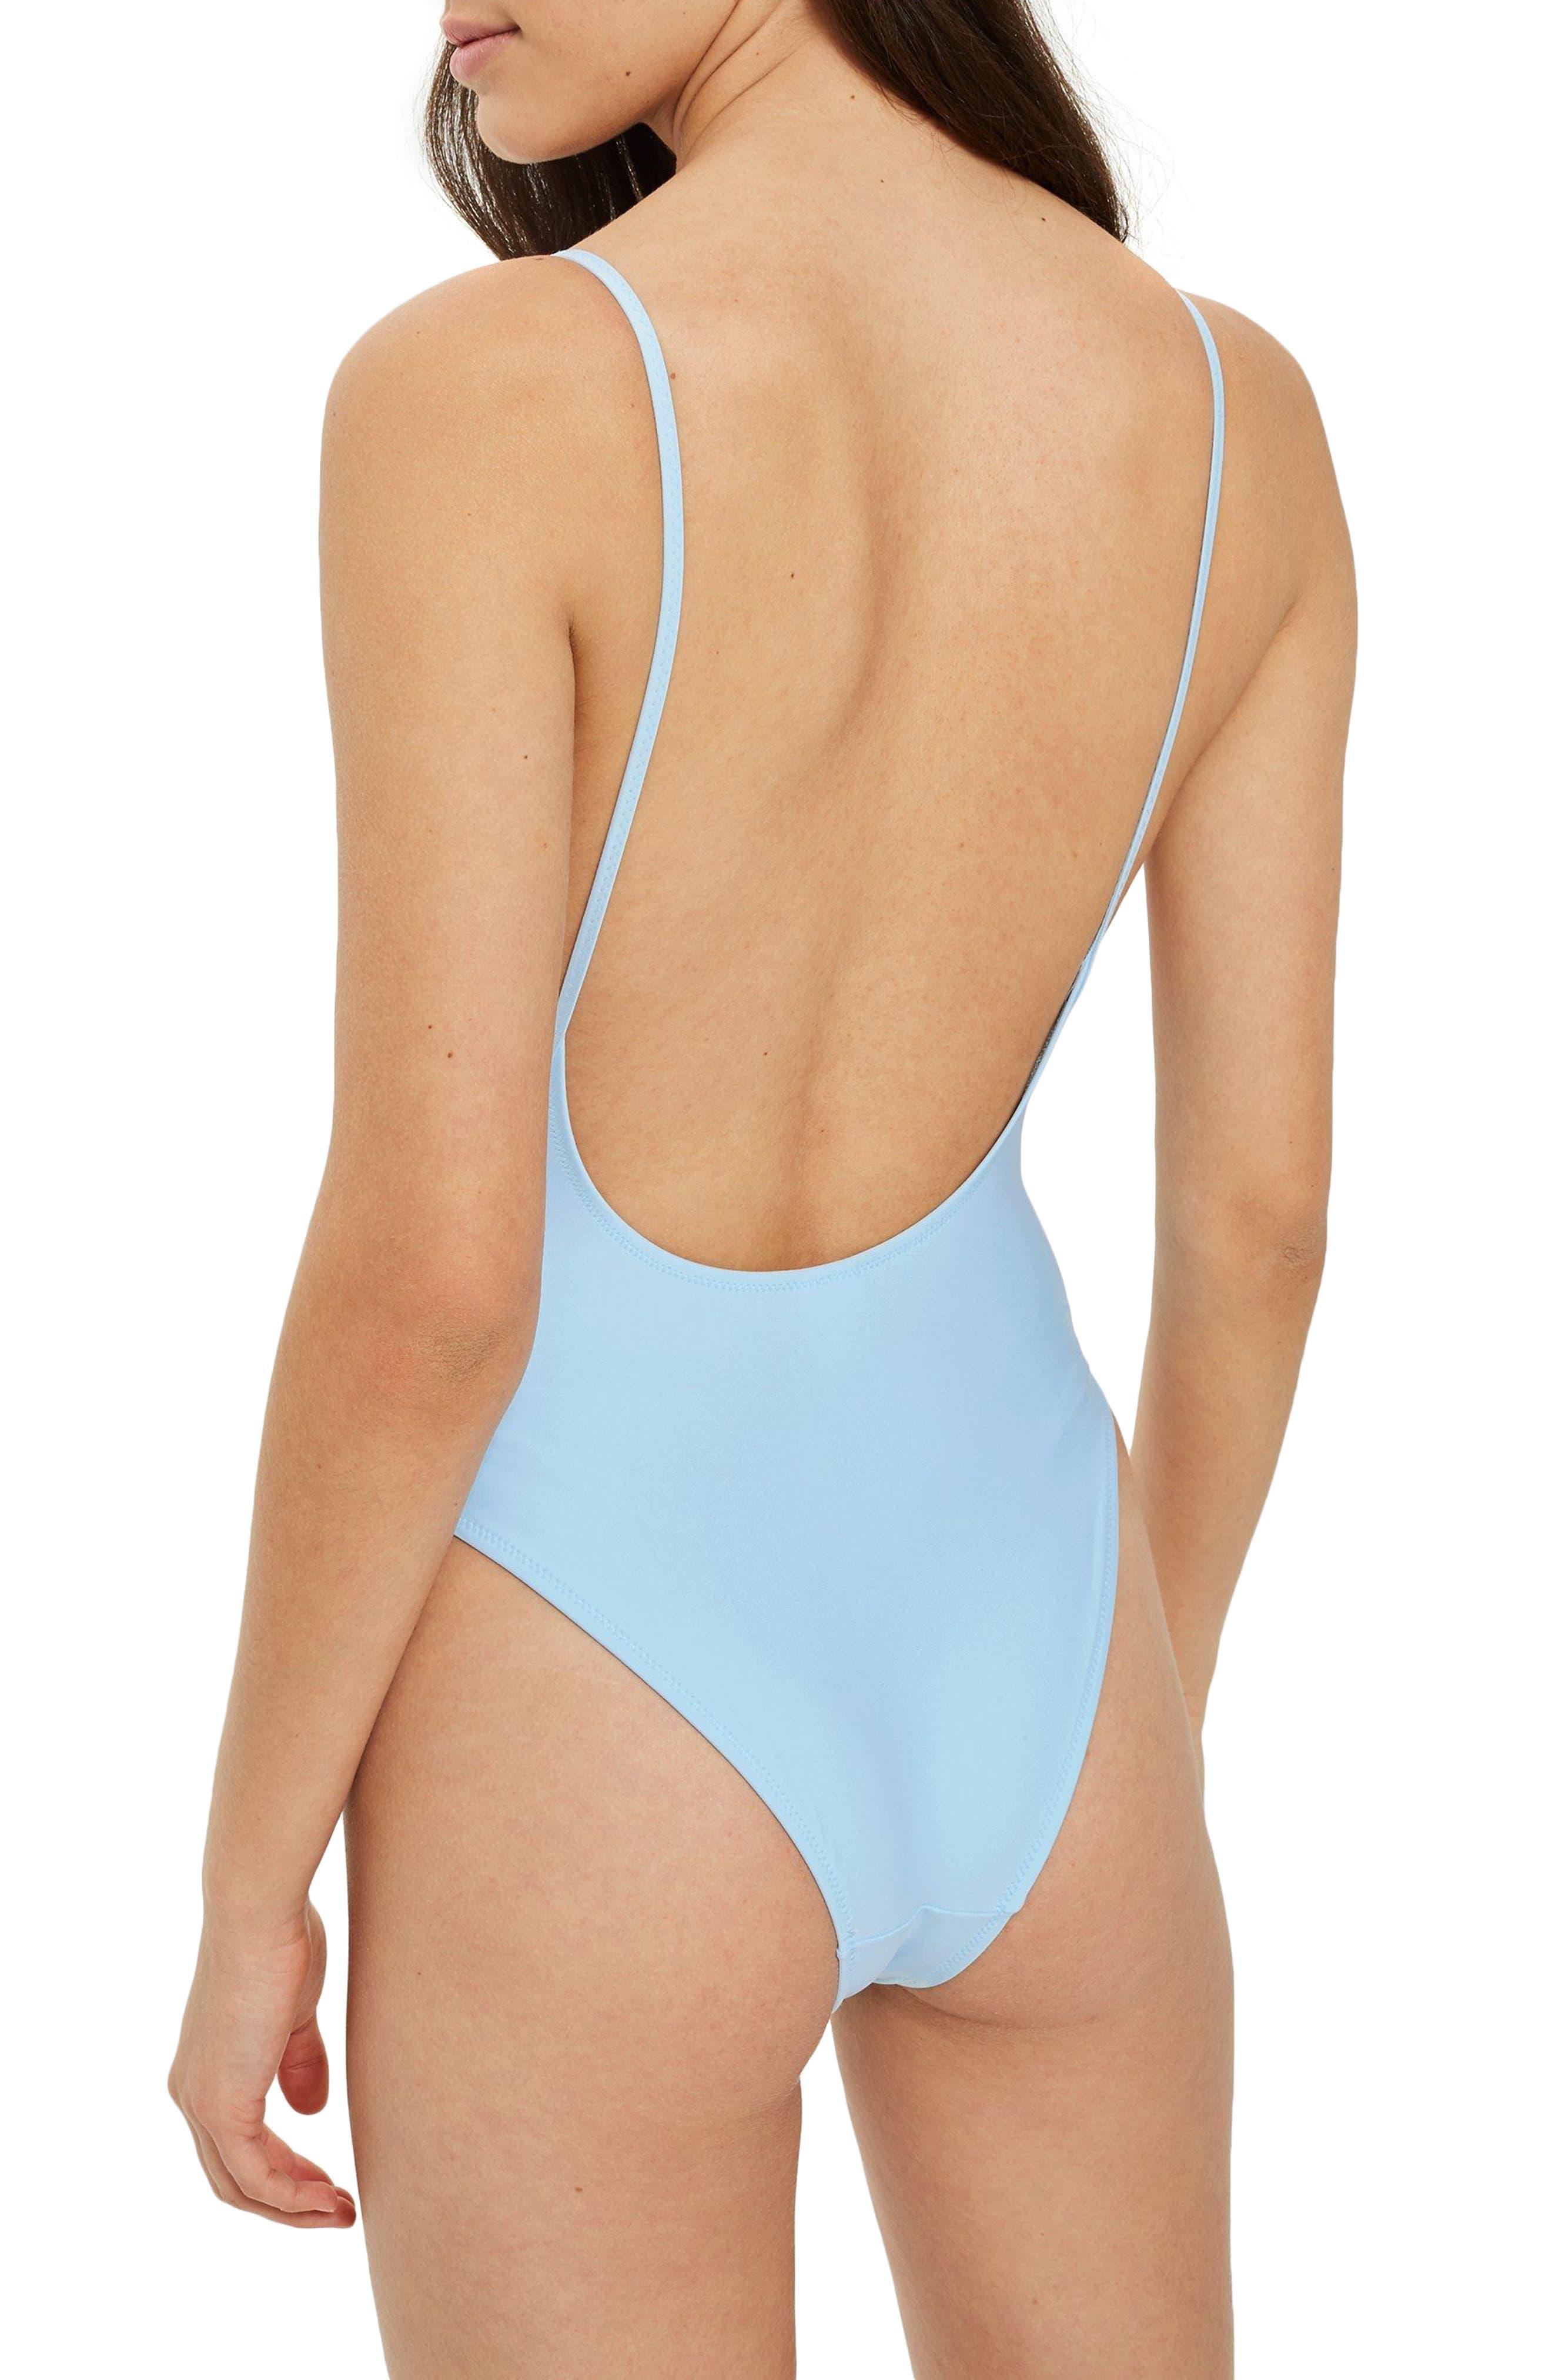 Pamela One-Piece Swimsuit,                             Alternate thumbnail 2, color,                             LIGHT BLUE